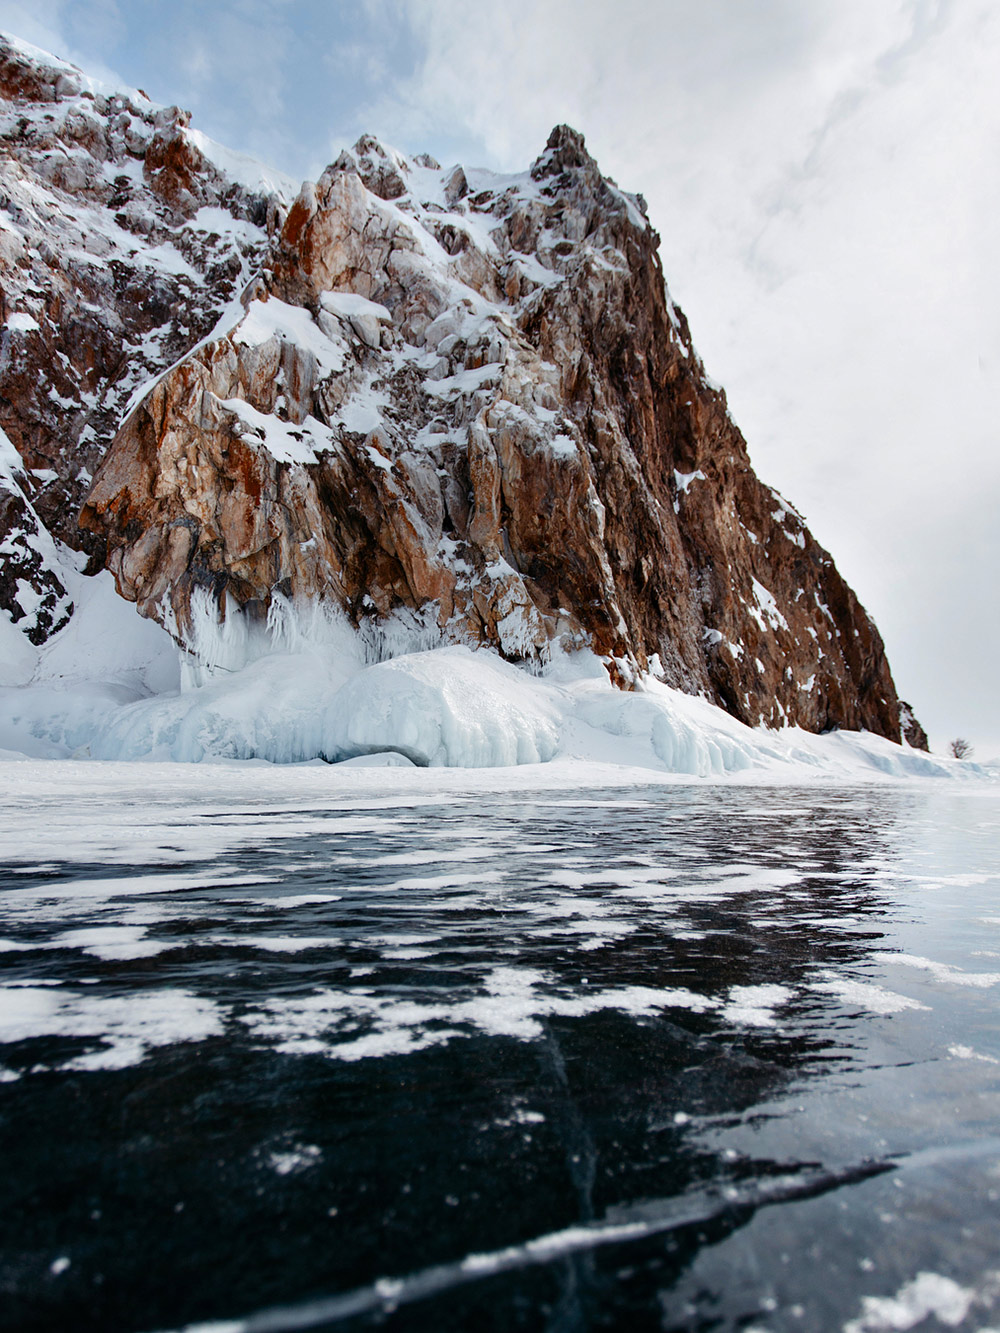 Водители добираются по льду до мест подледной рыбалки и острова Голого. Зимой там смотрят ледяные пещеры и гроты. Фото: Алина Борисова